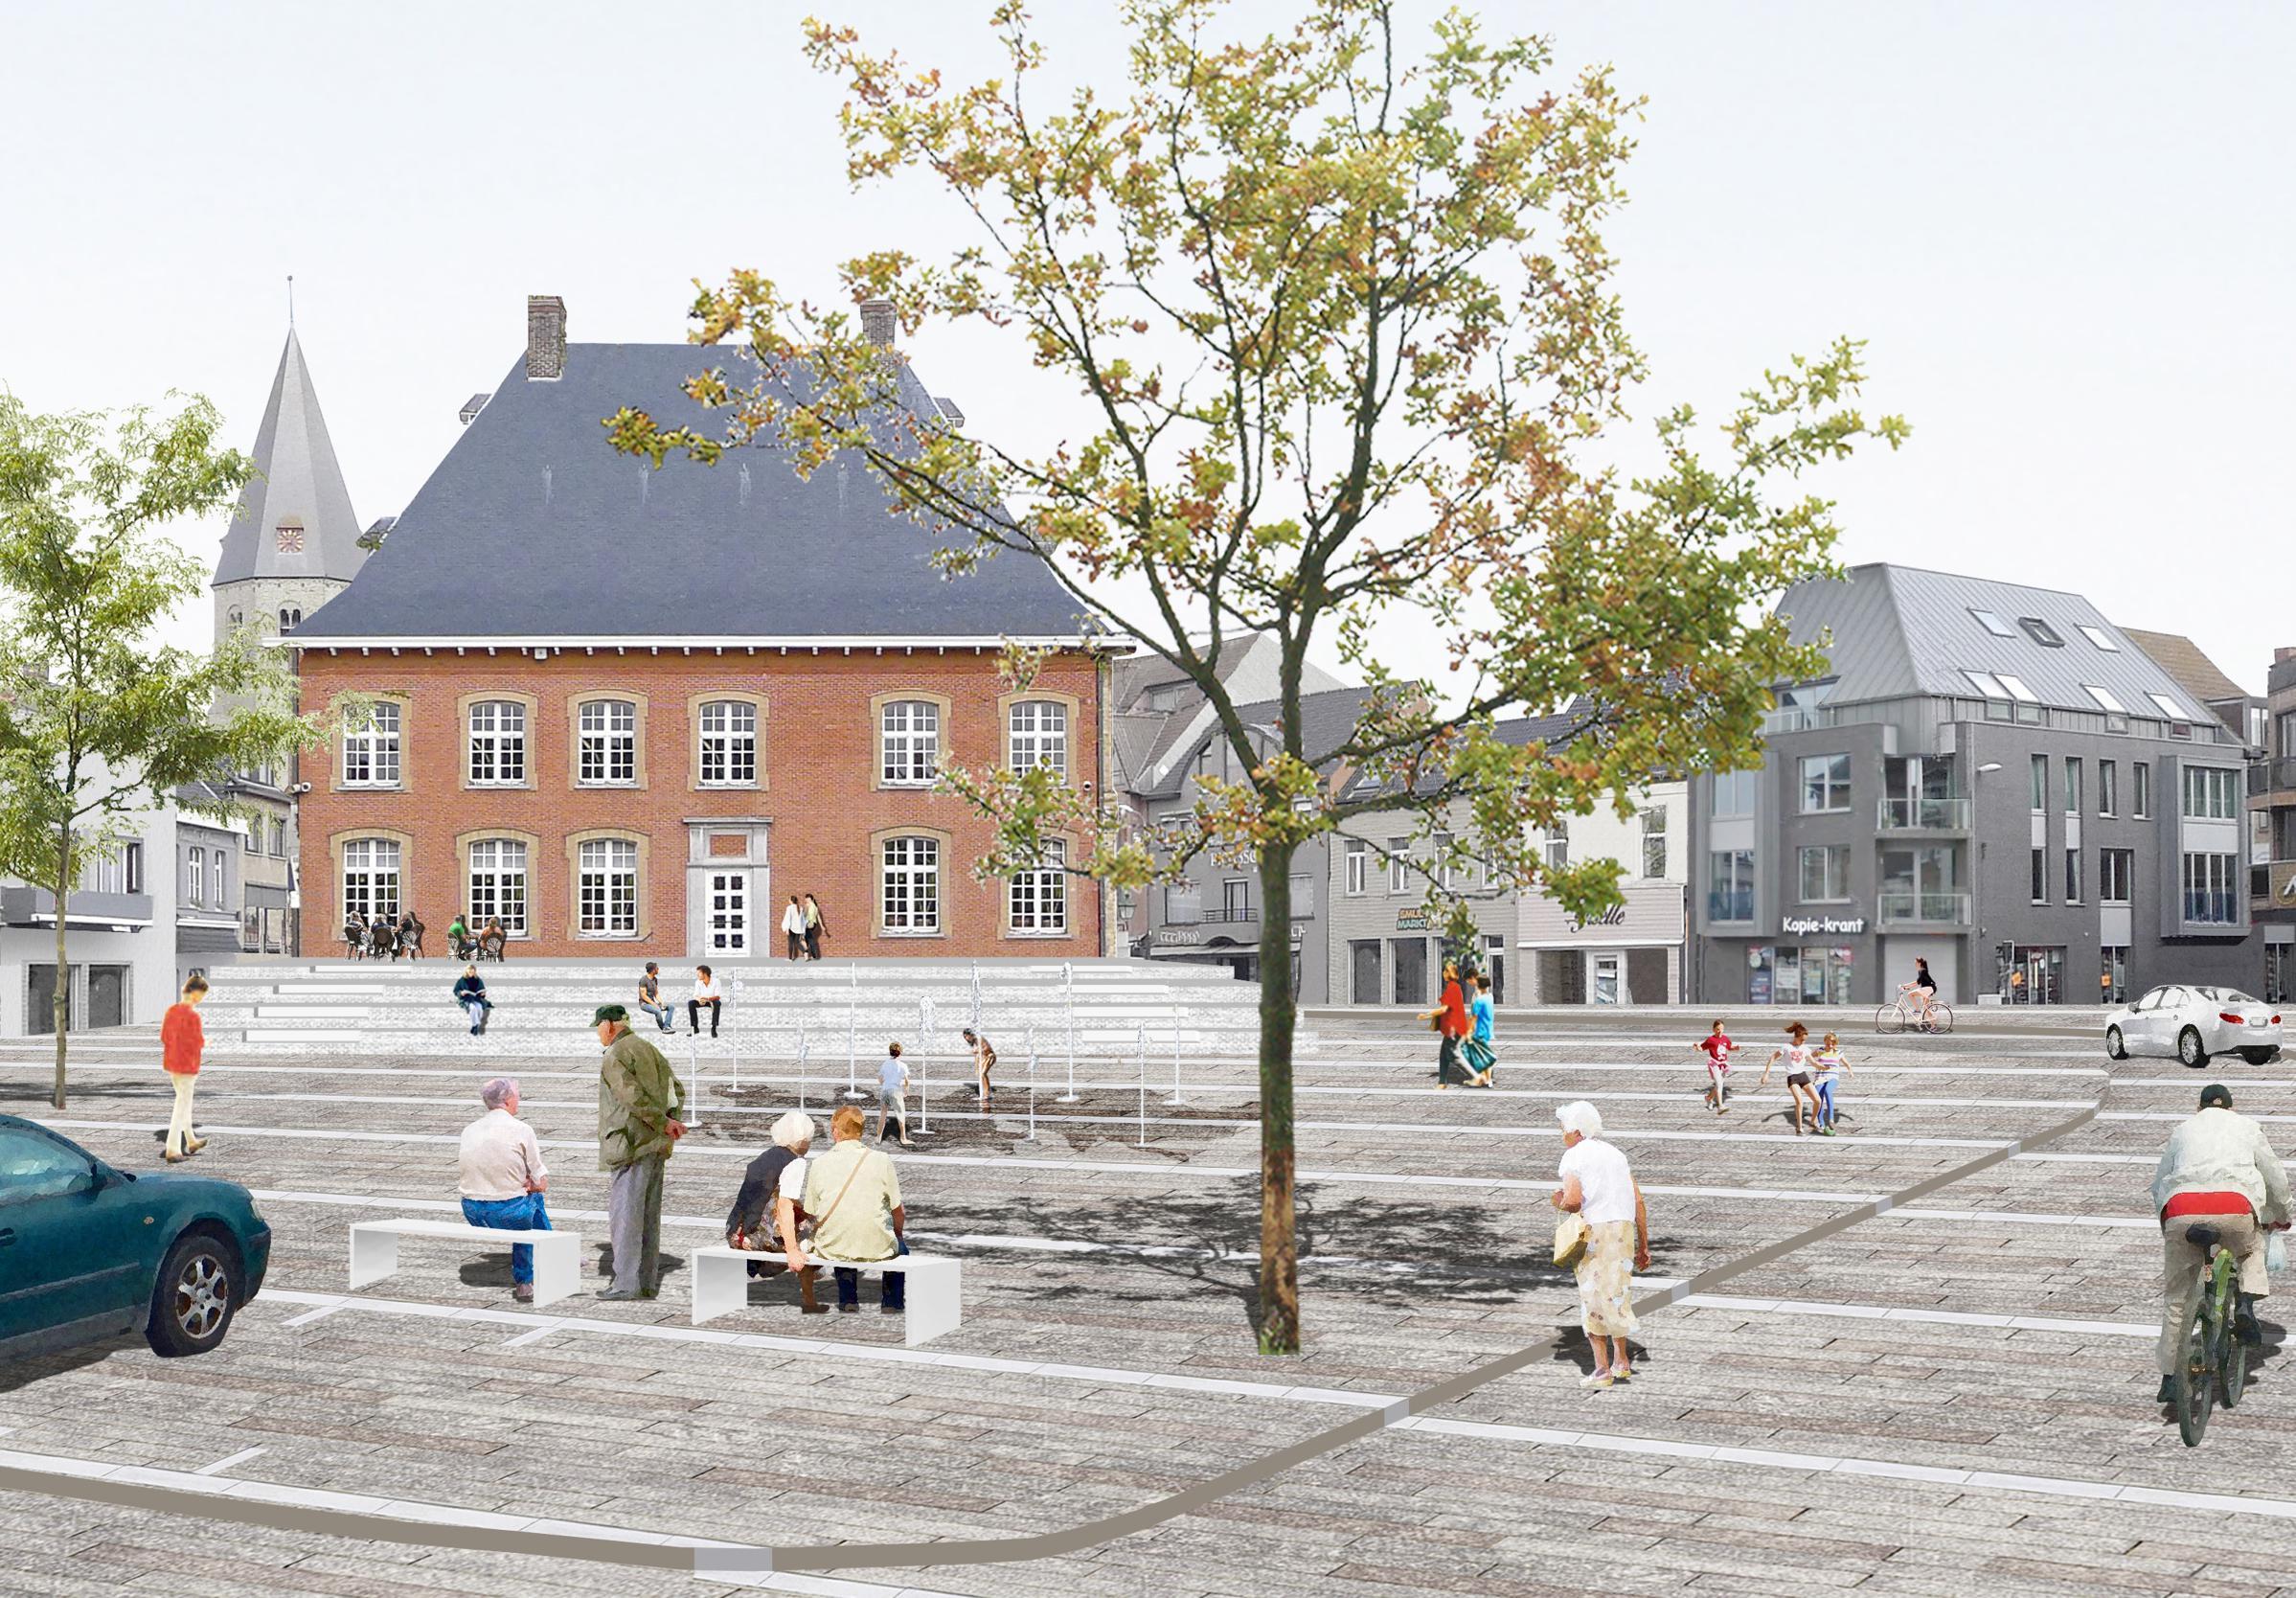 Maquette toont stadskernvernieuwing, die in maart start (Torhout) - Het Nieuwsblad